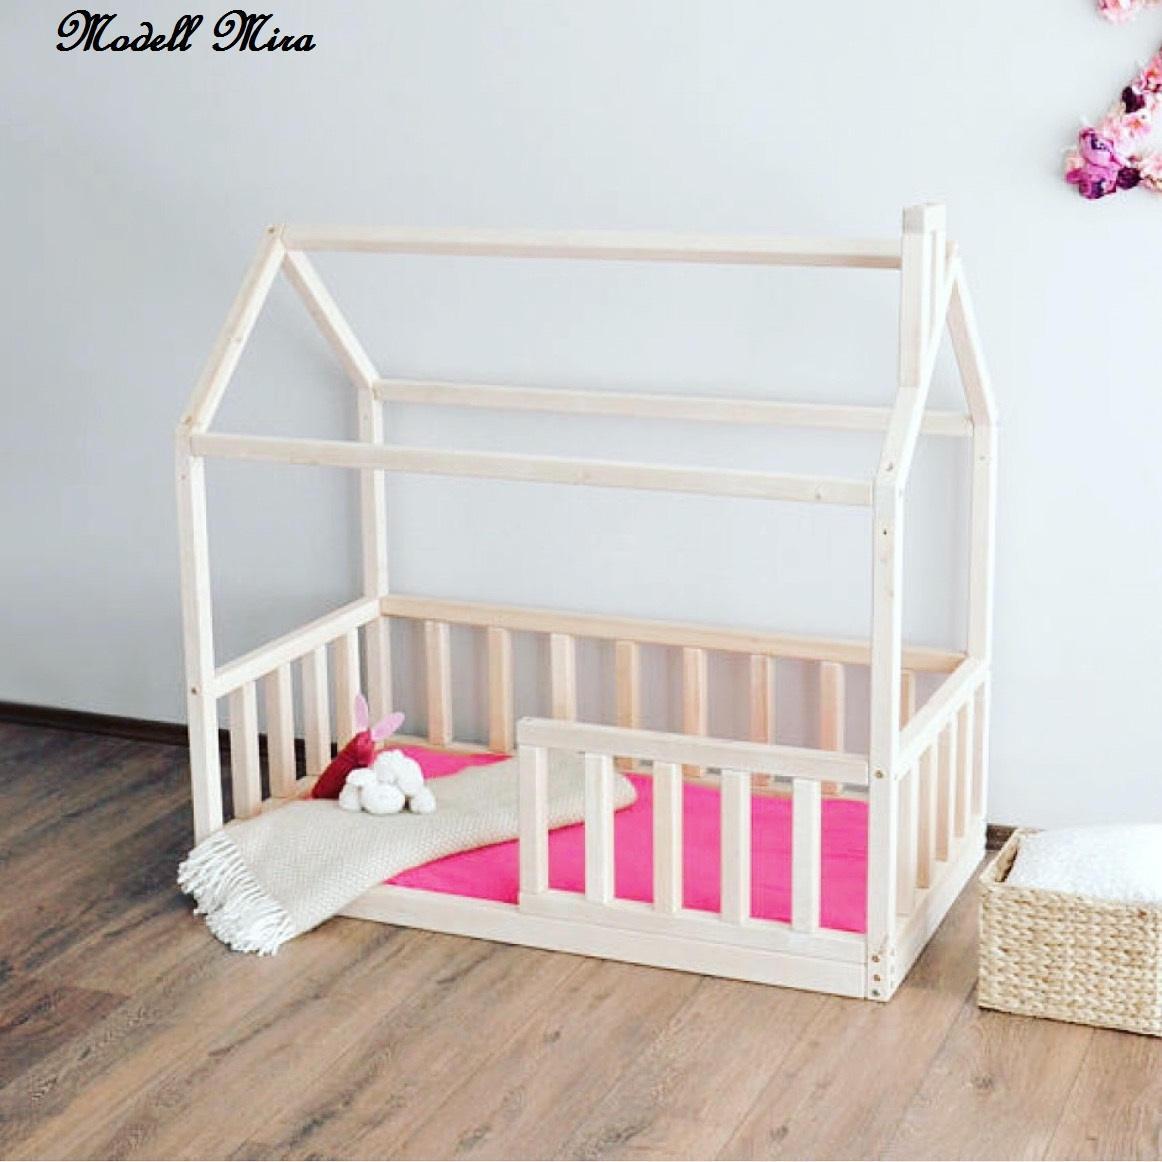 montessori bett Babybett Hausbett Kinderbett Spielbett Modell